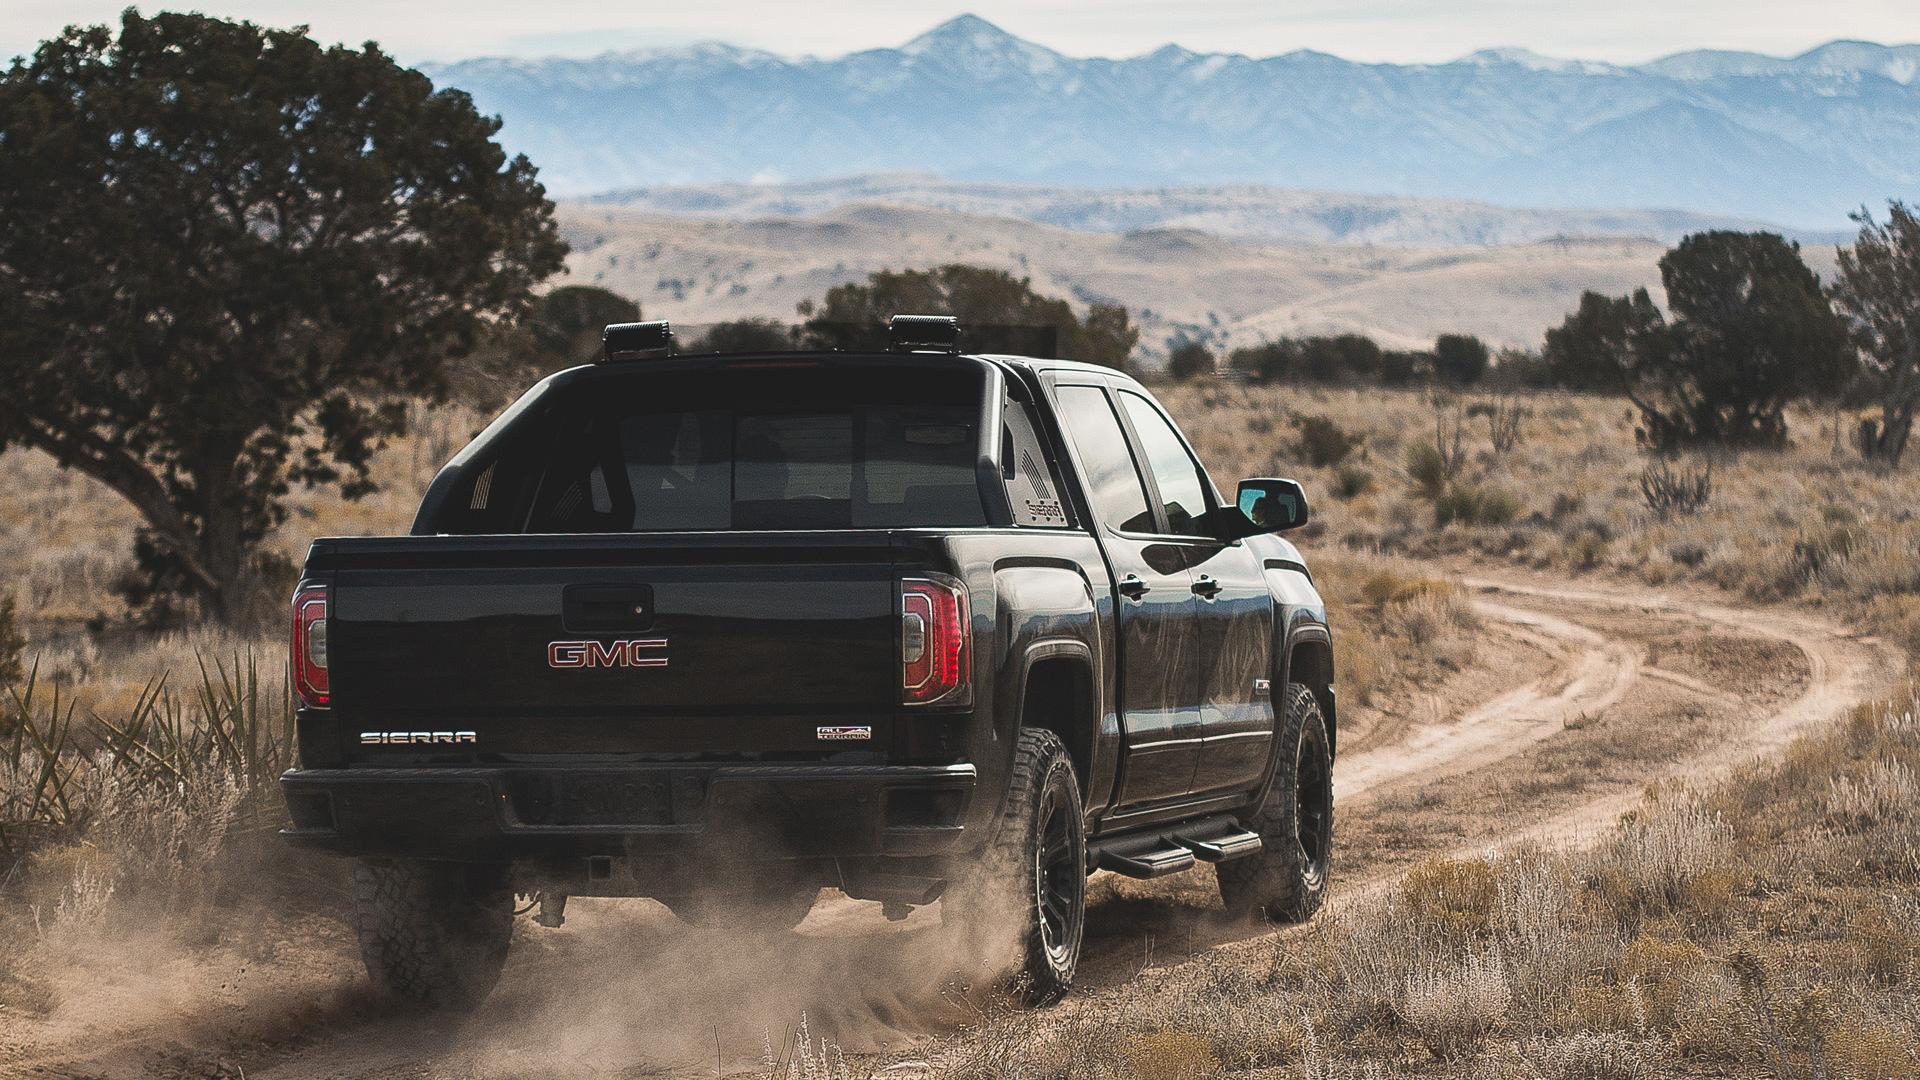 2016 GMC Sierra 1500 All Terrain X